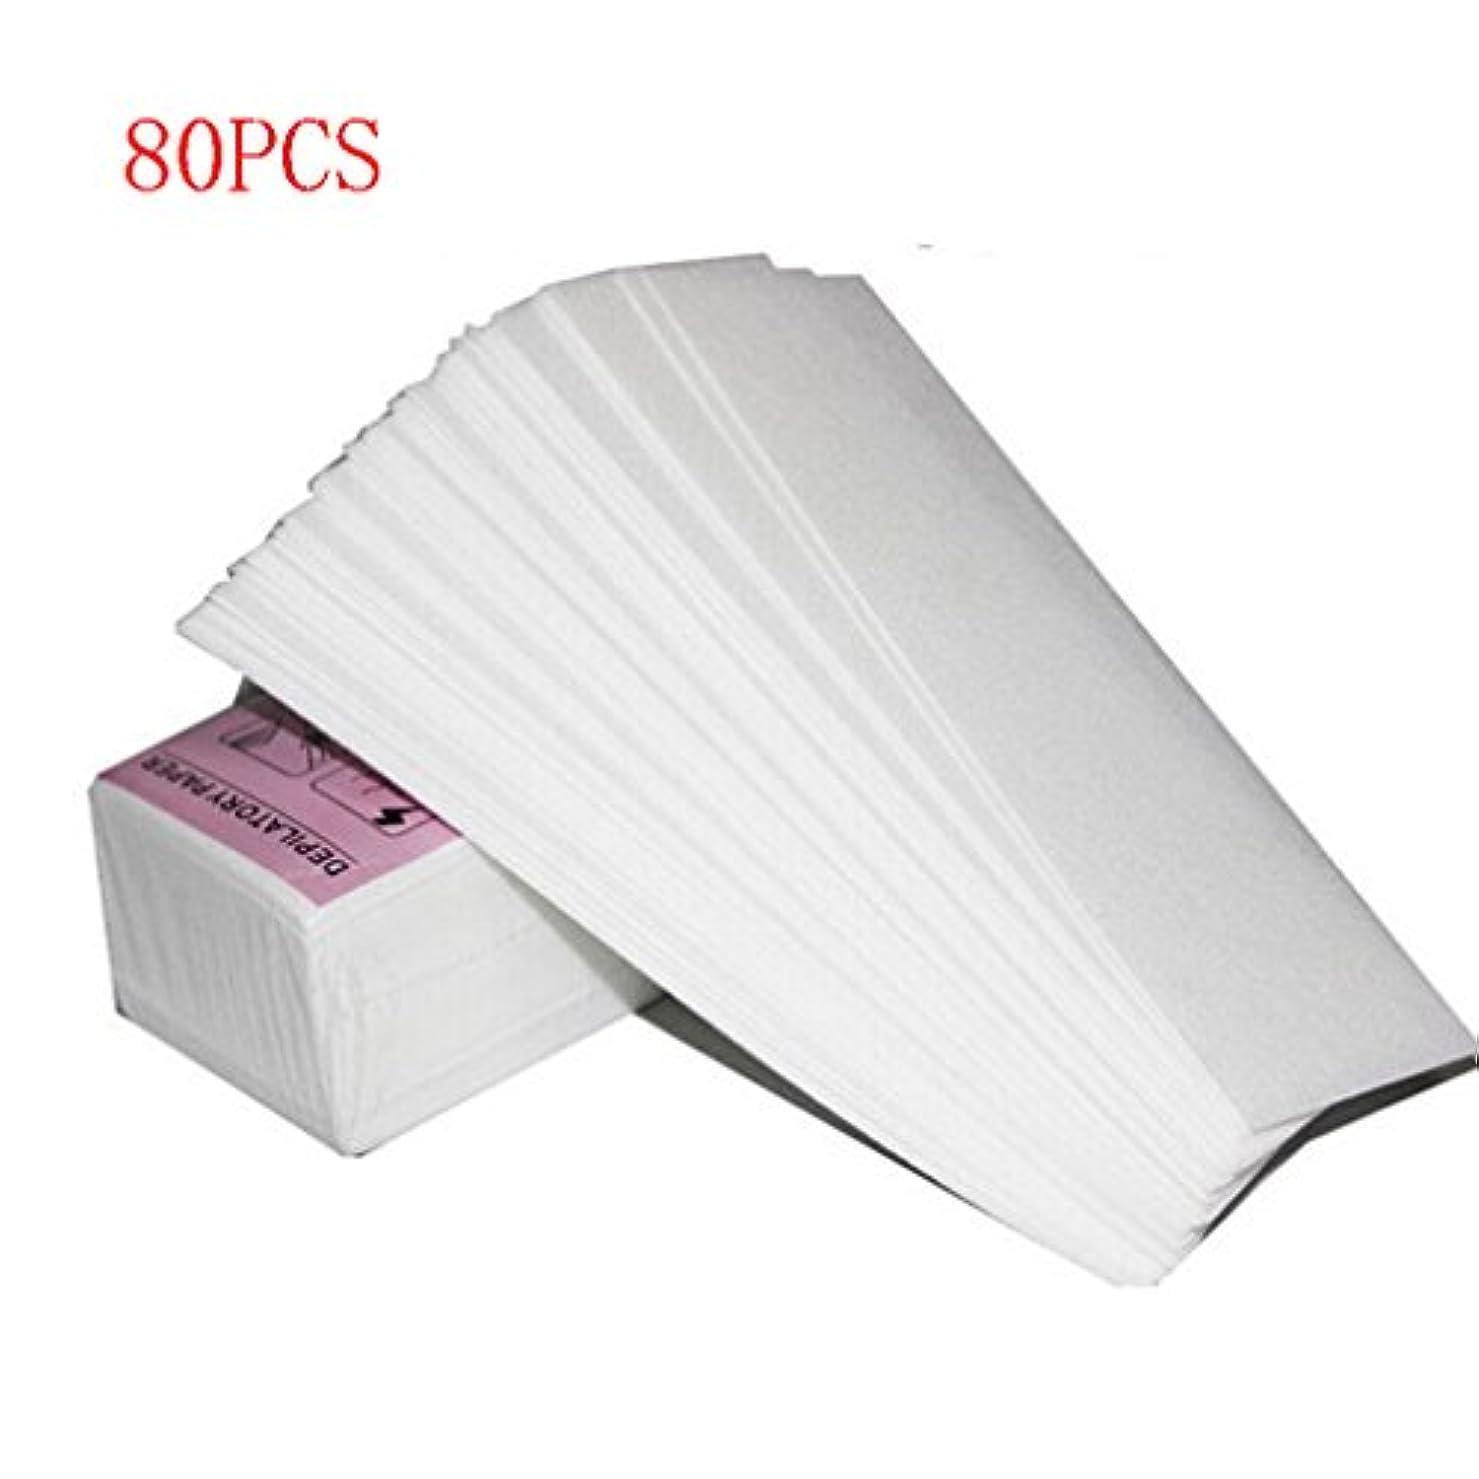 彼ら沿ってボードワックス脱毛紙 厚く 耐久性のある 引き裂く スムースワックスシート インスタント脱毛シート 脱毛ワックスシート ワックスストリップ 紙 80回分 大容量